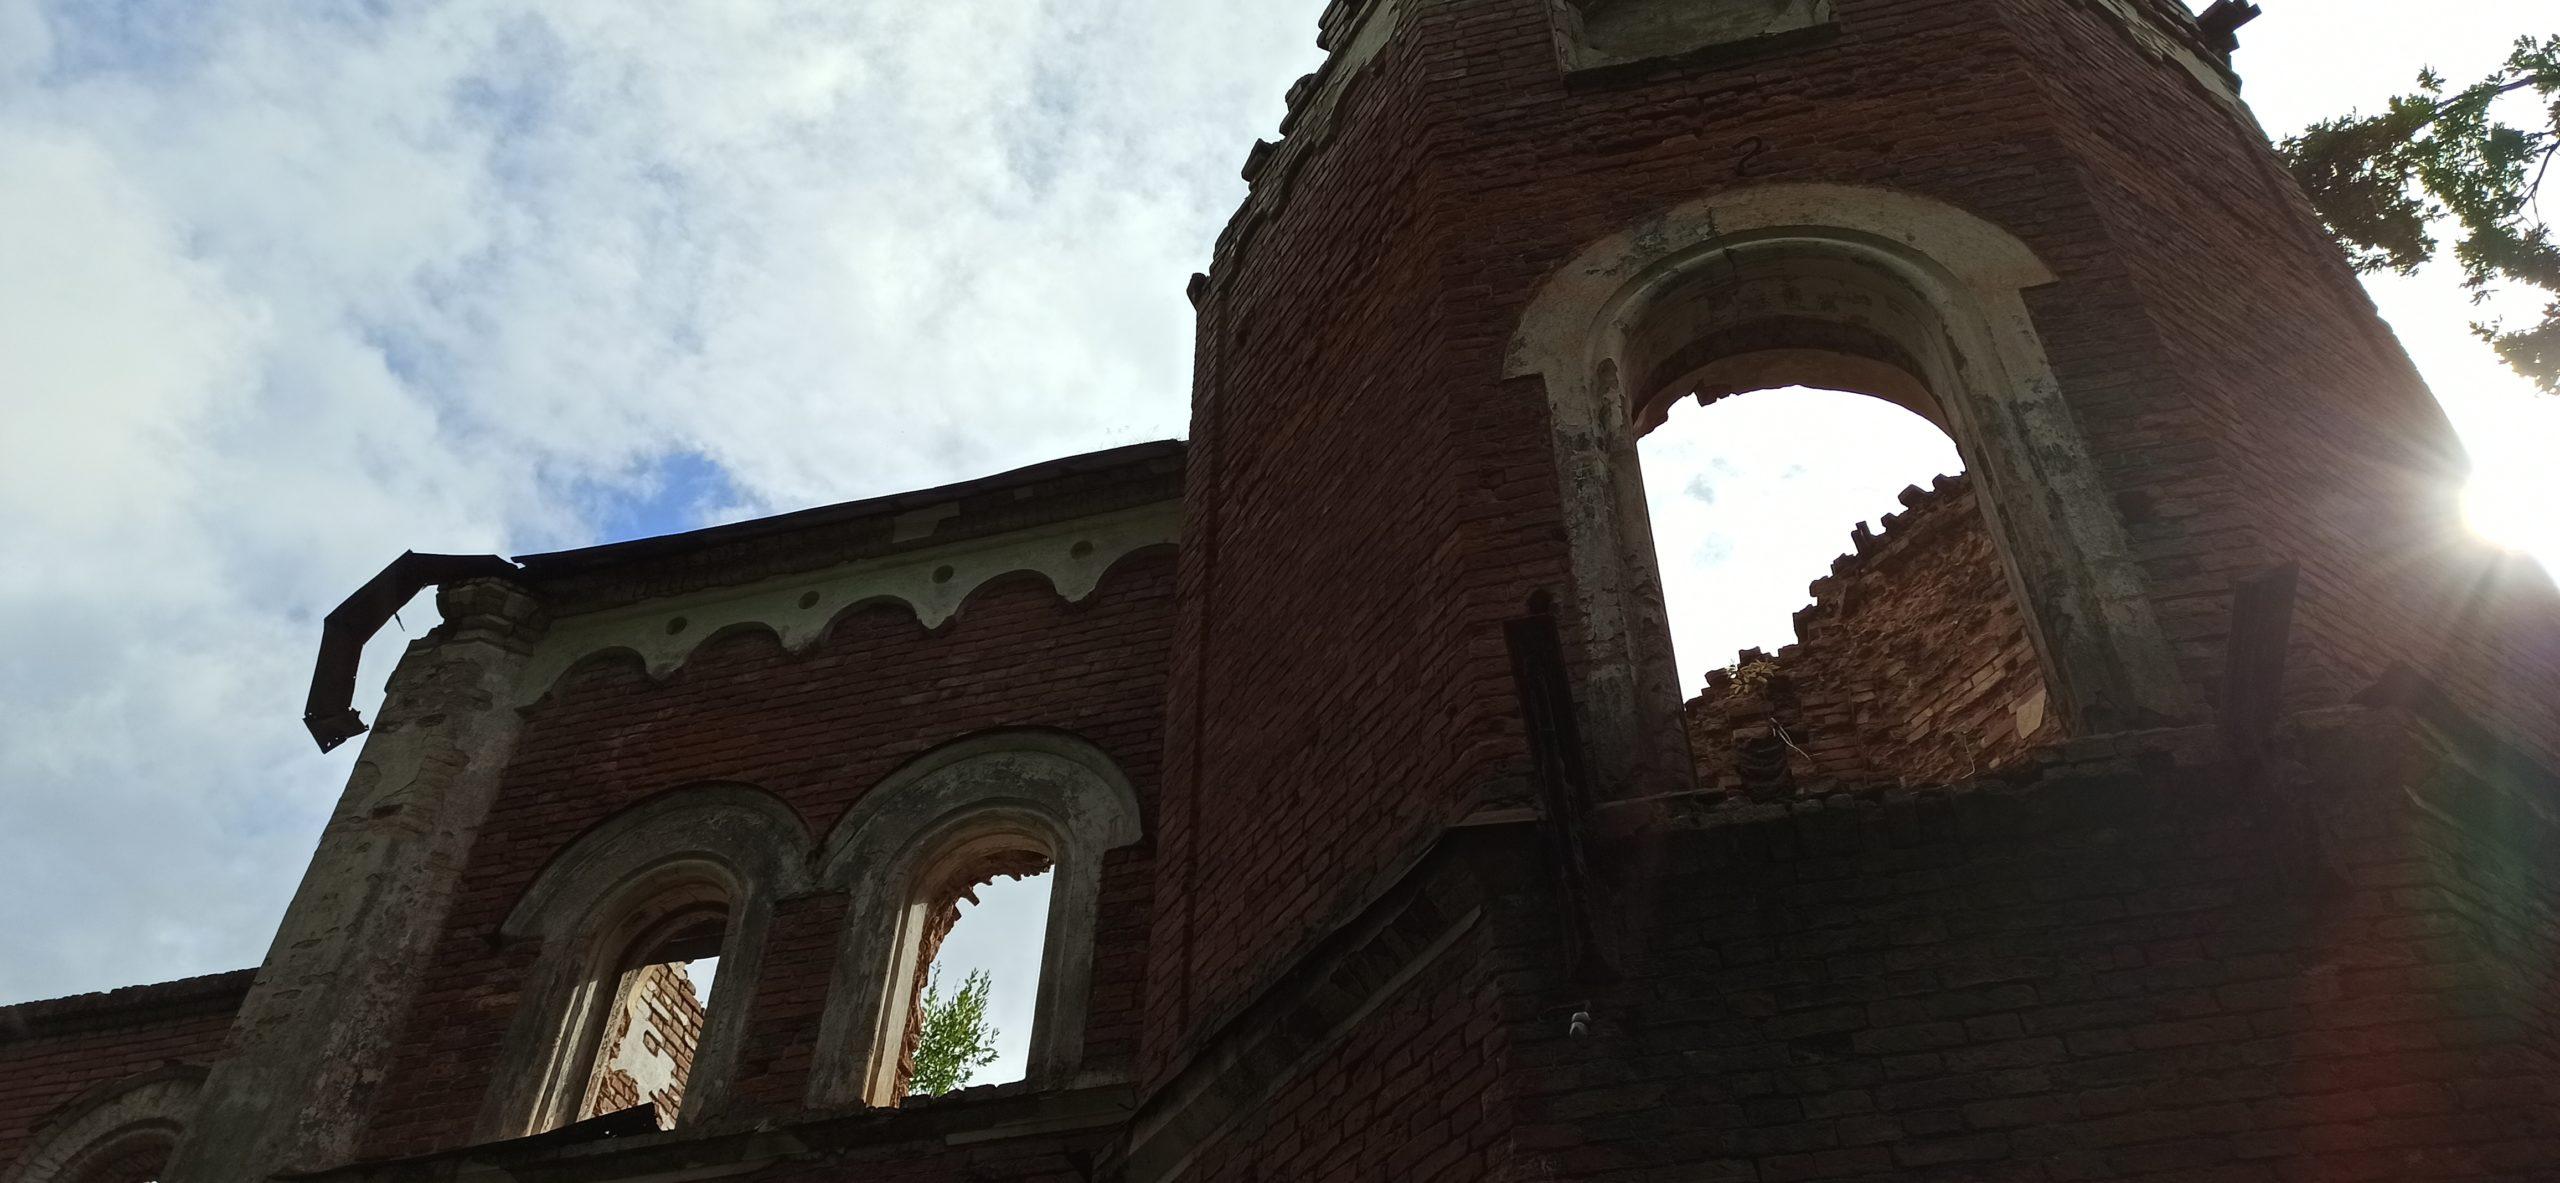 Усадьбы Волосовского района: усадьба Врангелей